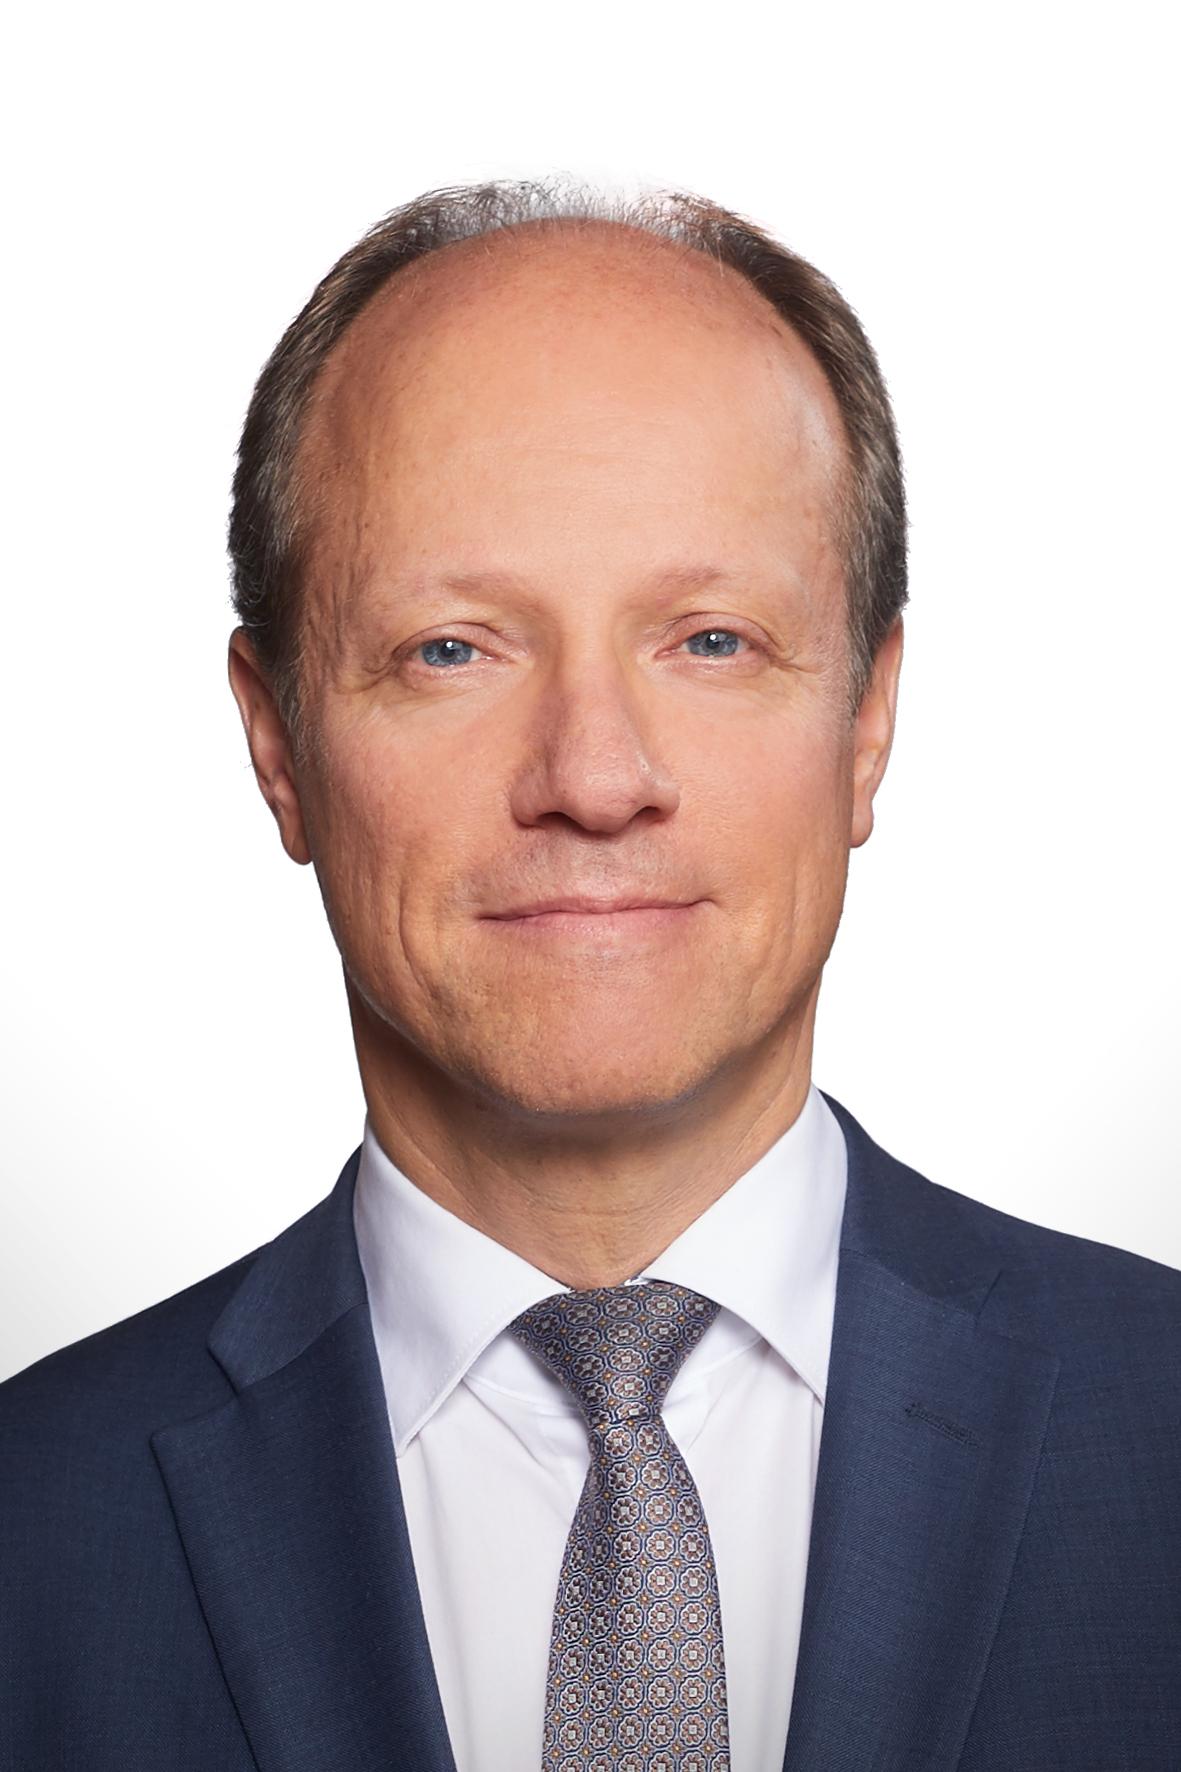 Petri Jääskeläinen